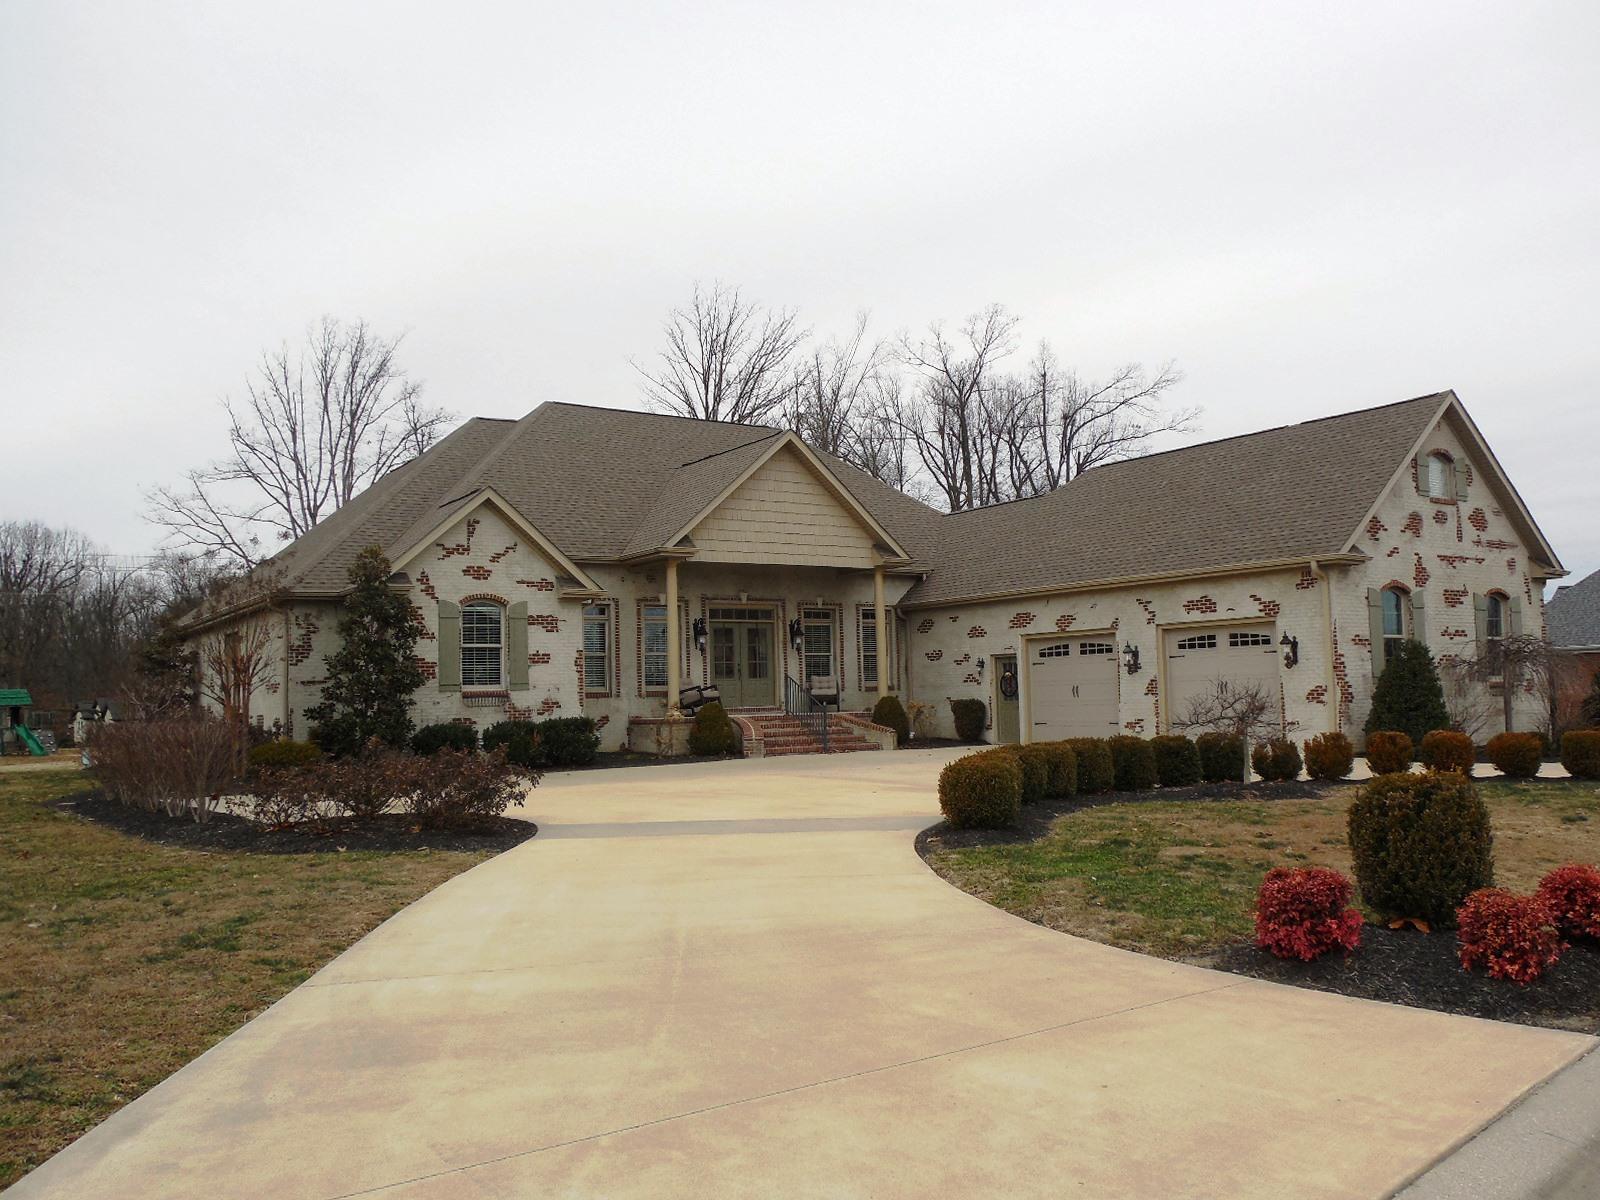 430 Cimarron Way, Paducah, Kentucky 42001